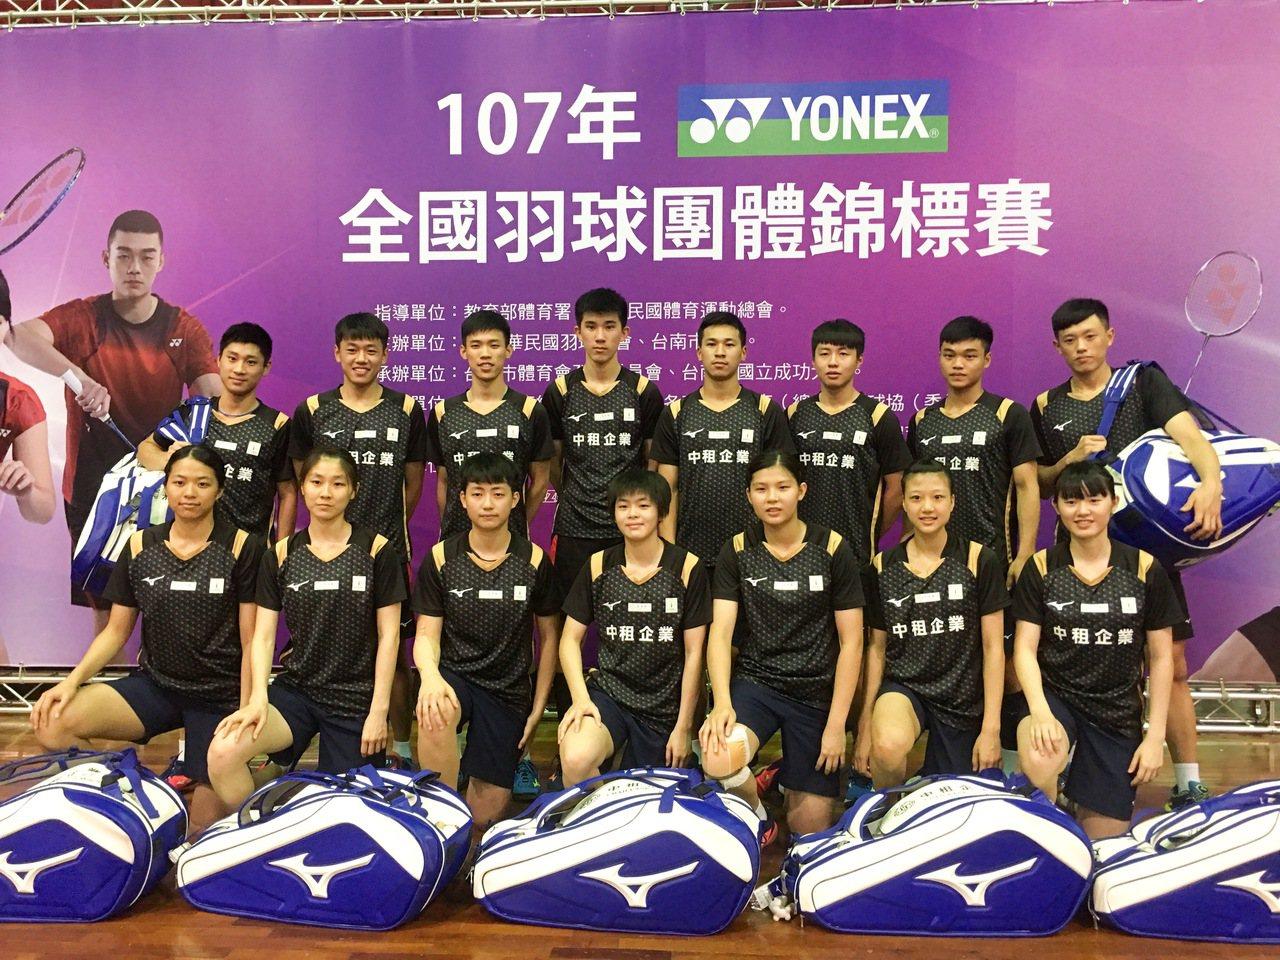 中租企業羽球隊首度組隊參加全團賽。 記者曾思儒/攝影